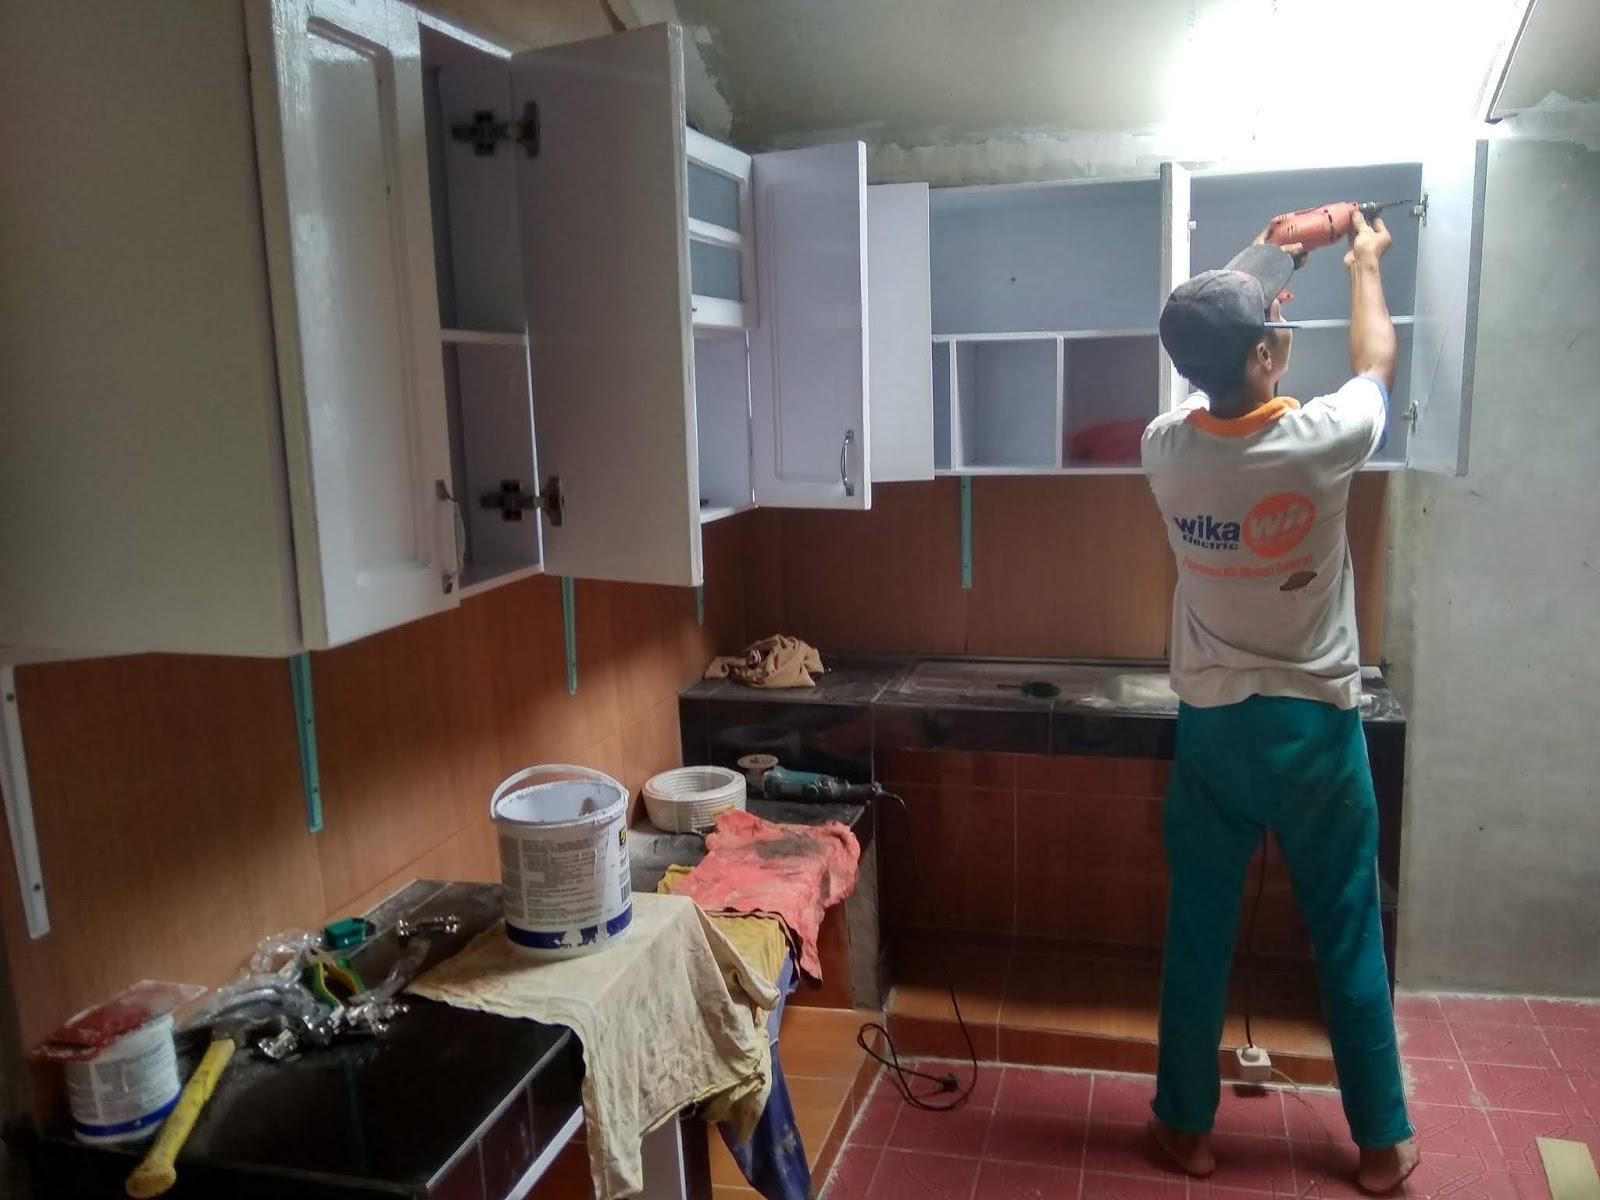 Anton Bloger Cara Memasang Kitchen Set Baut Siku Kencangka Semua Pada Belakang Dapur Anda Supaya Tidak Roboh